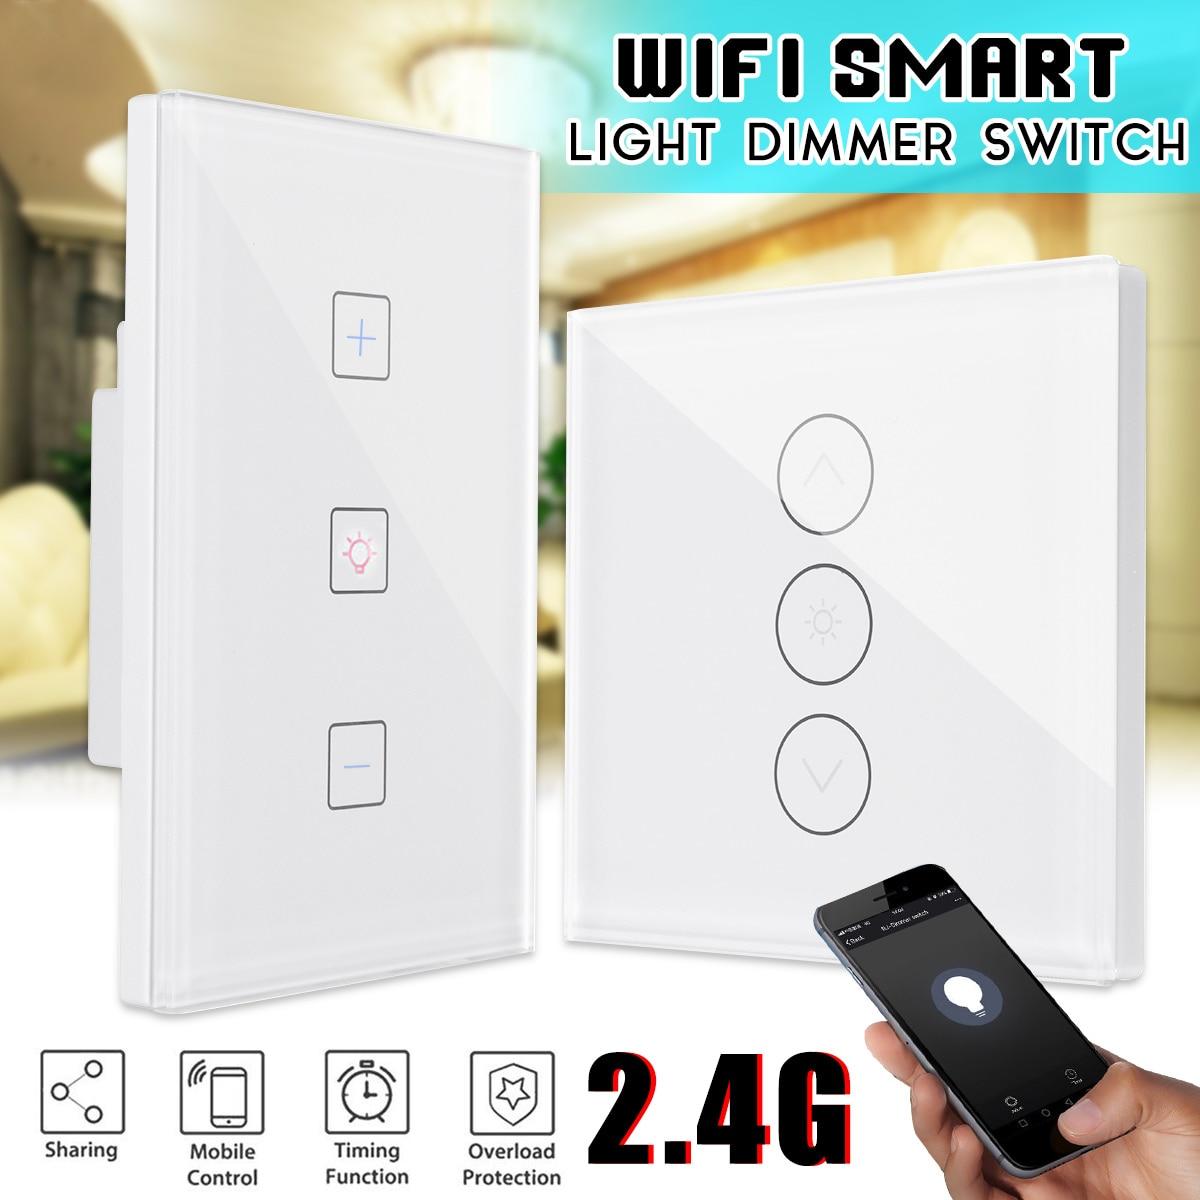 Smart Light Dimmer 100 240V Wall Smart WiFi Touchs Dimmer